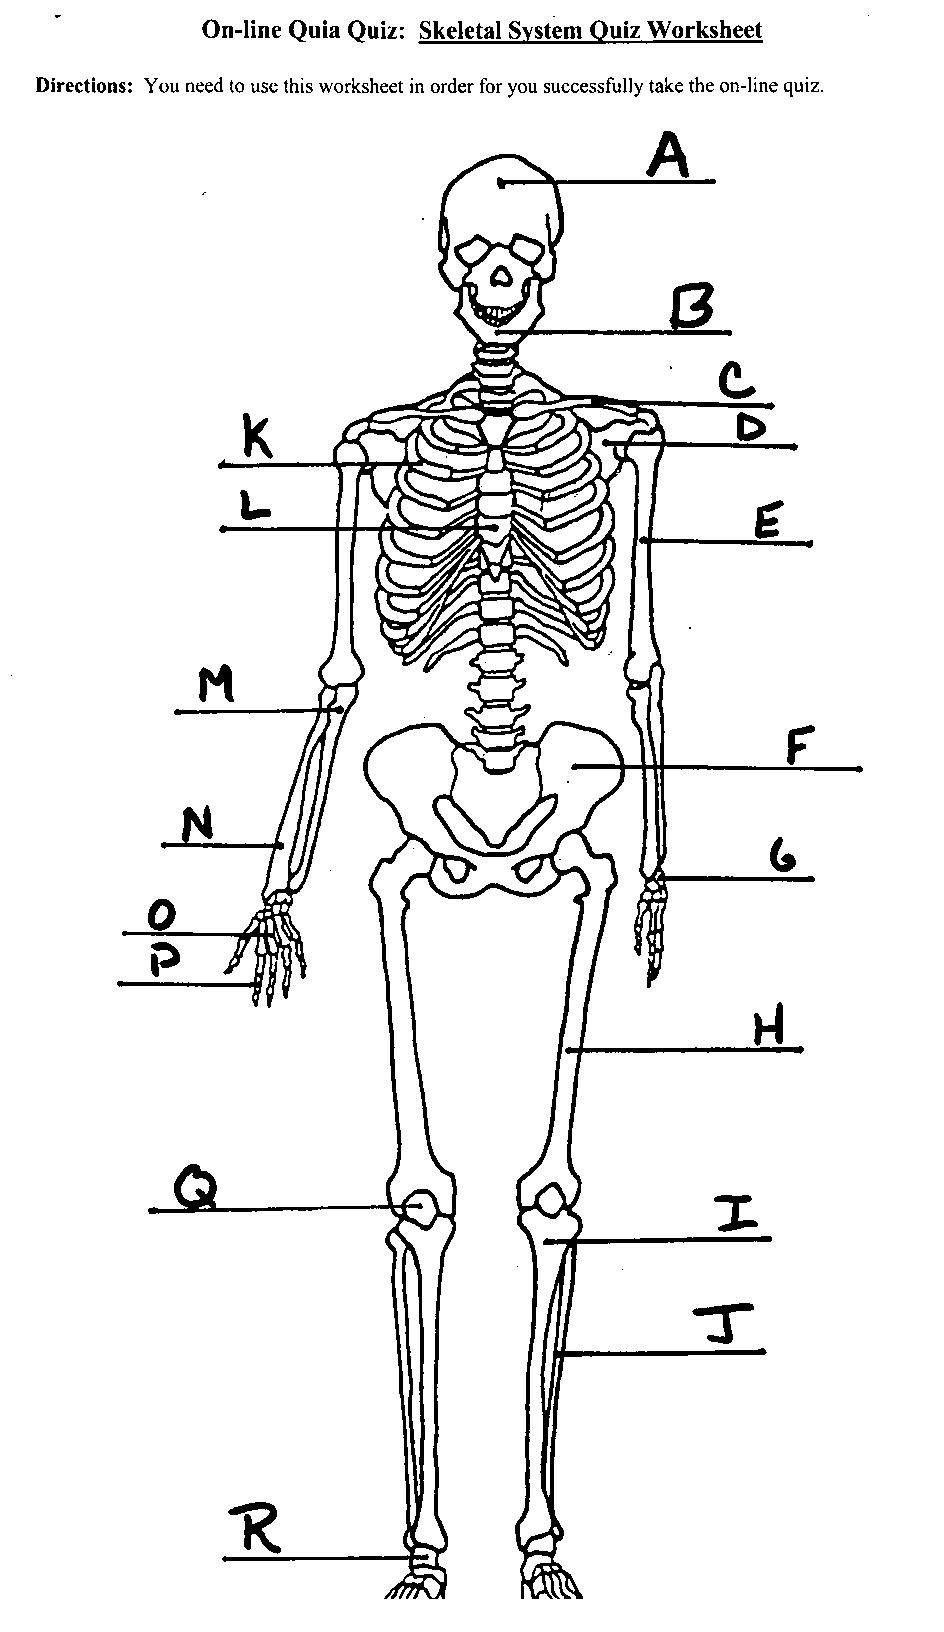 unlabeled human skeleton diagram unlabeled human skeleton diagram blank skeleton diagram front and back 1 [ 944 x 1632 Pixel ]